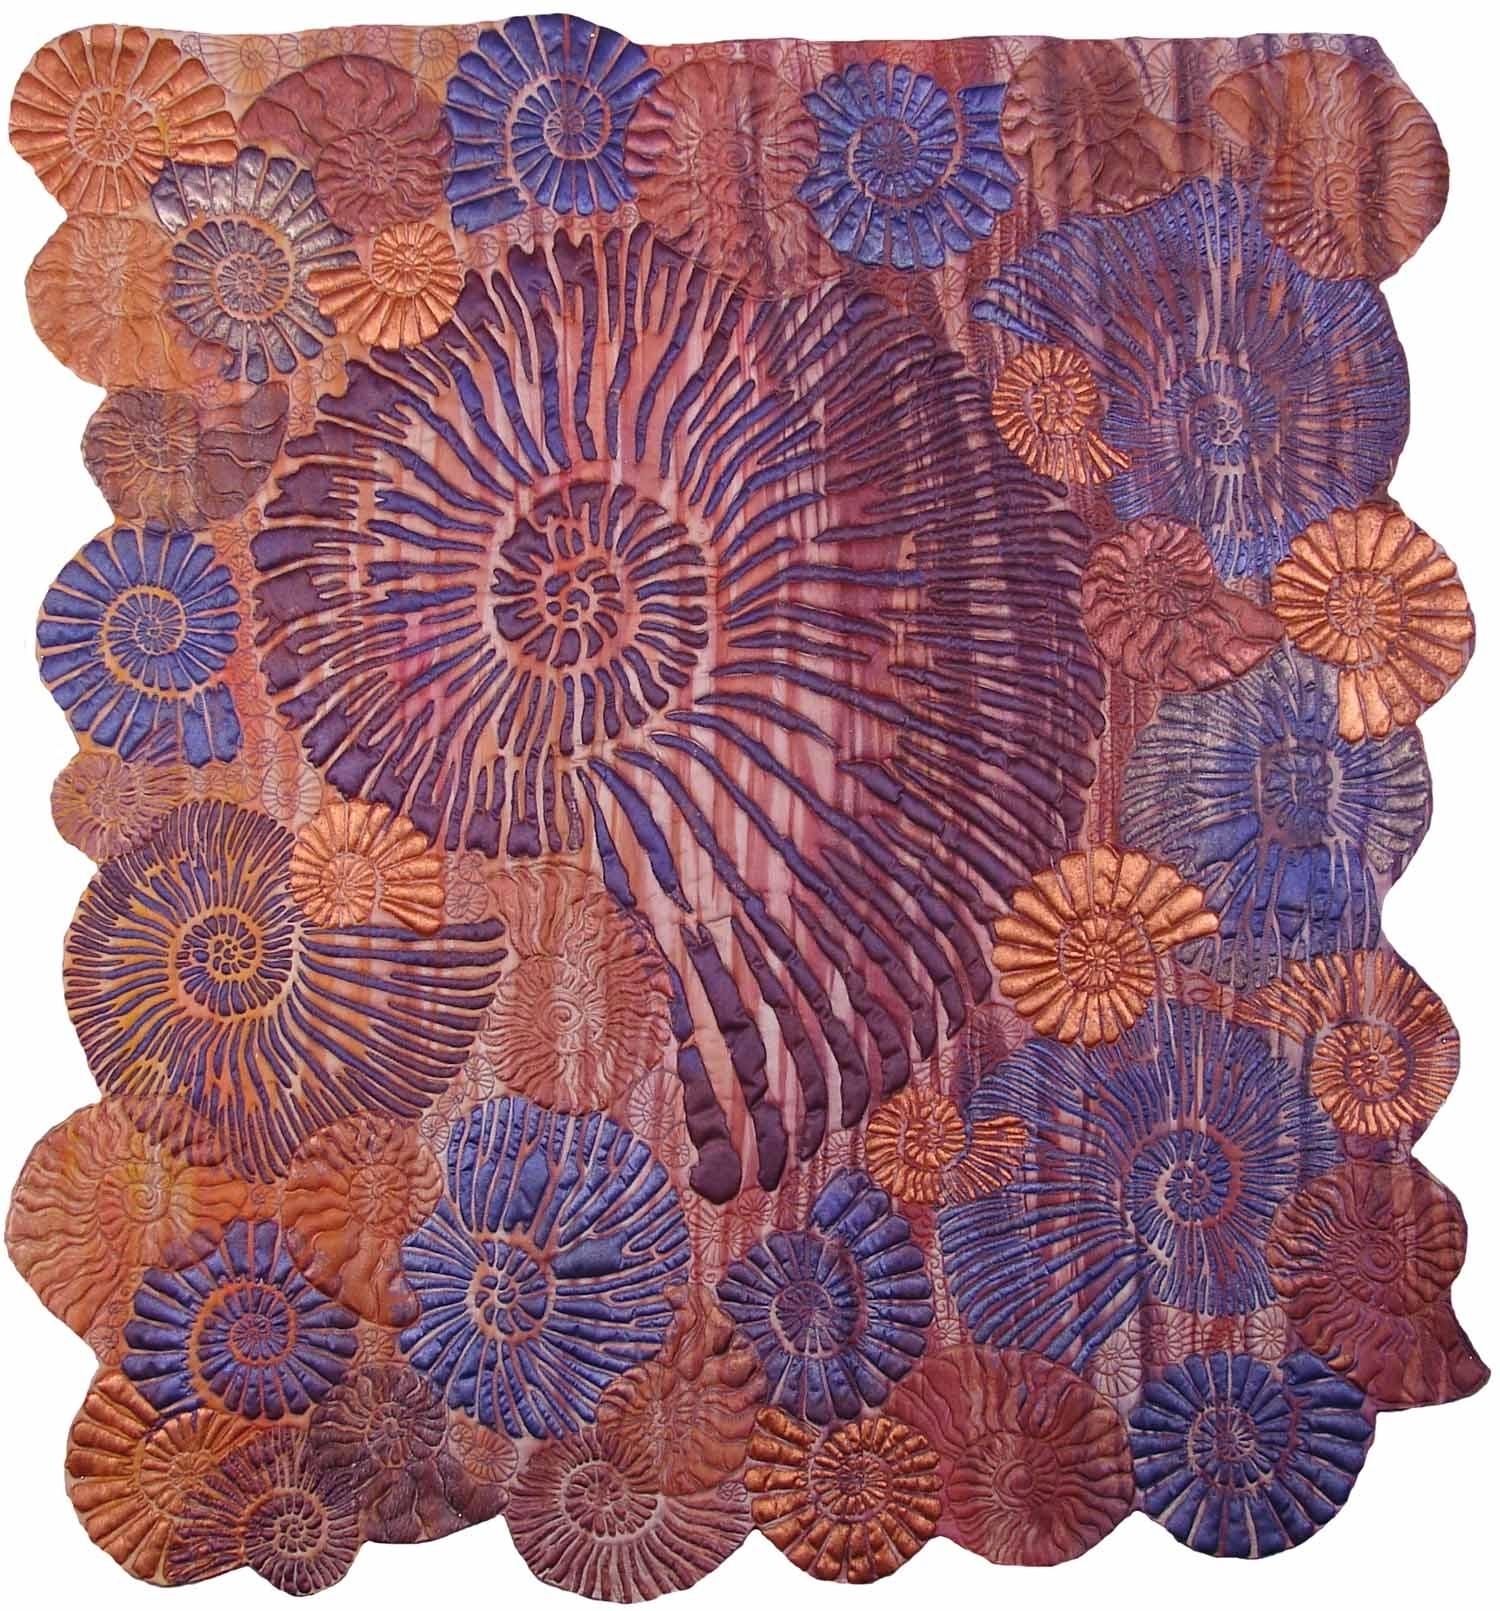 Ammonite Festival